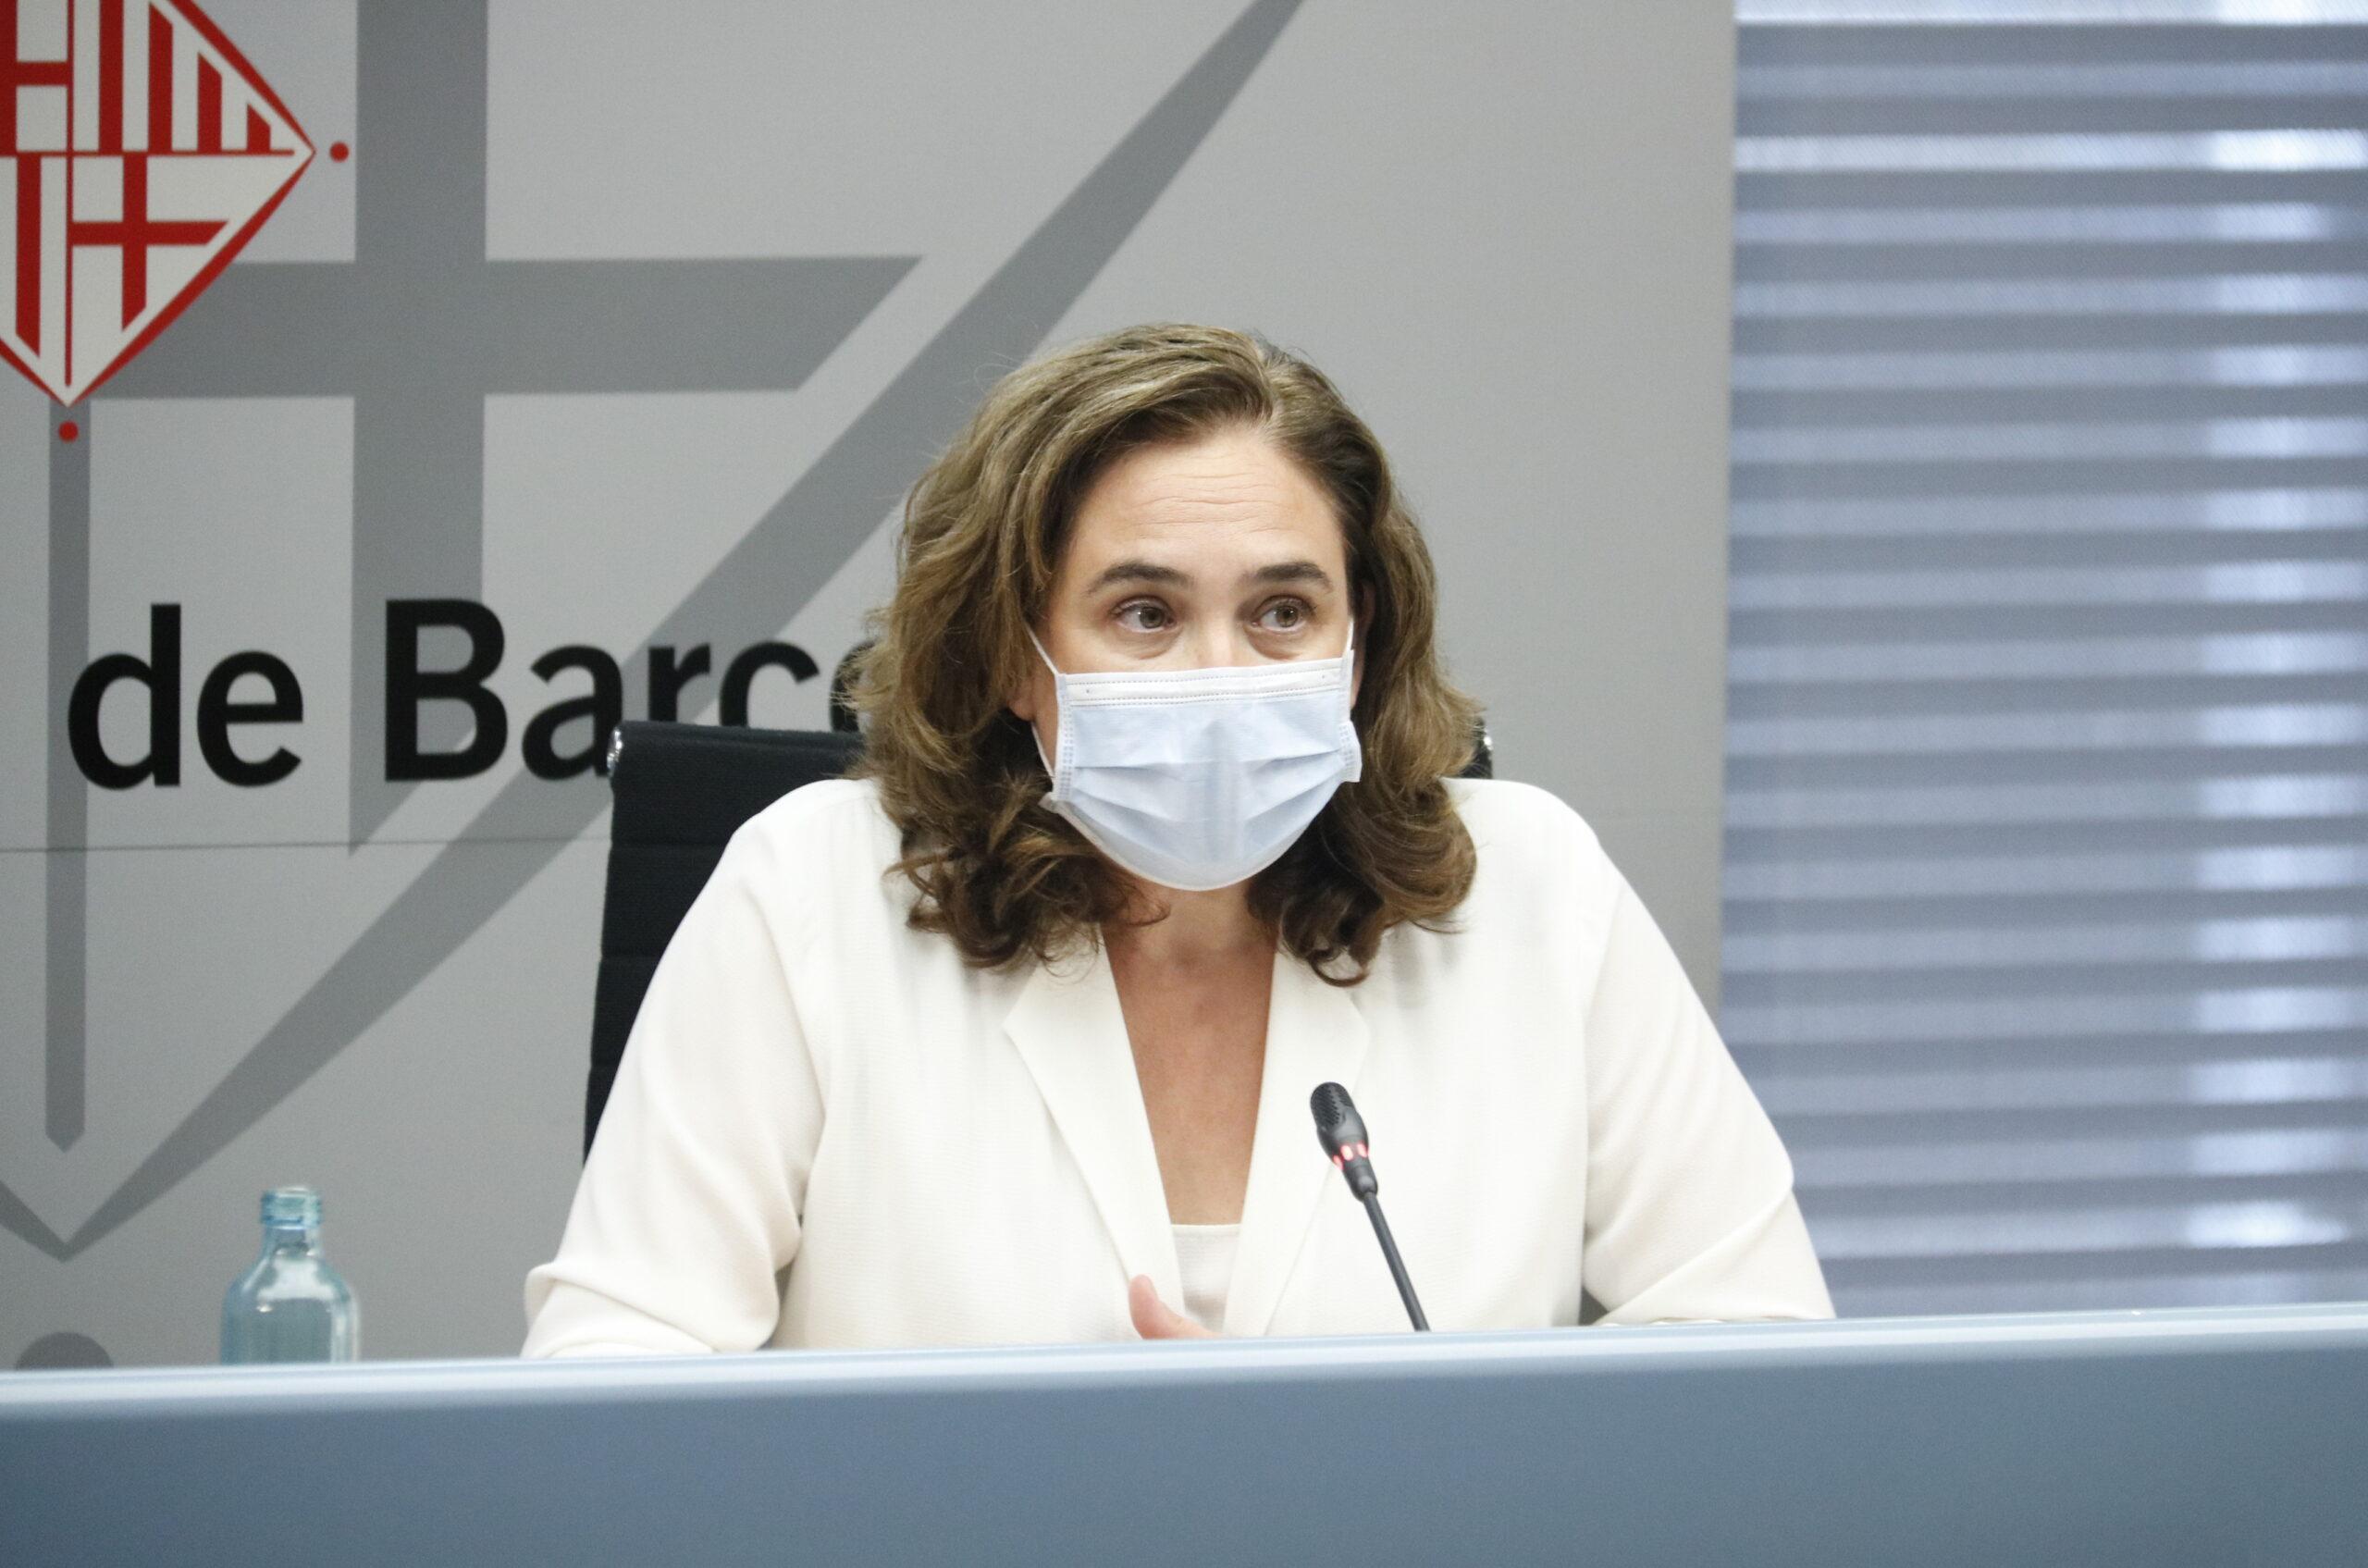 L'alcaldessa de Barcelona, Ada Colau, en imatge d'arxiu/ ACN